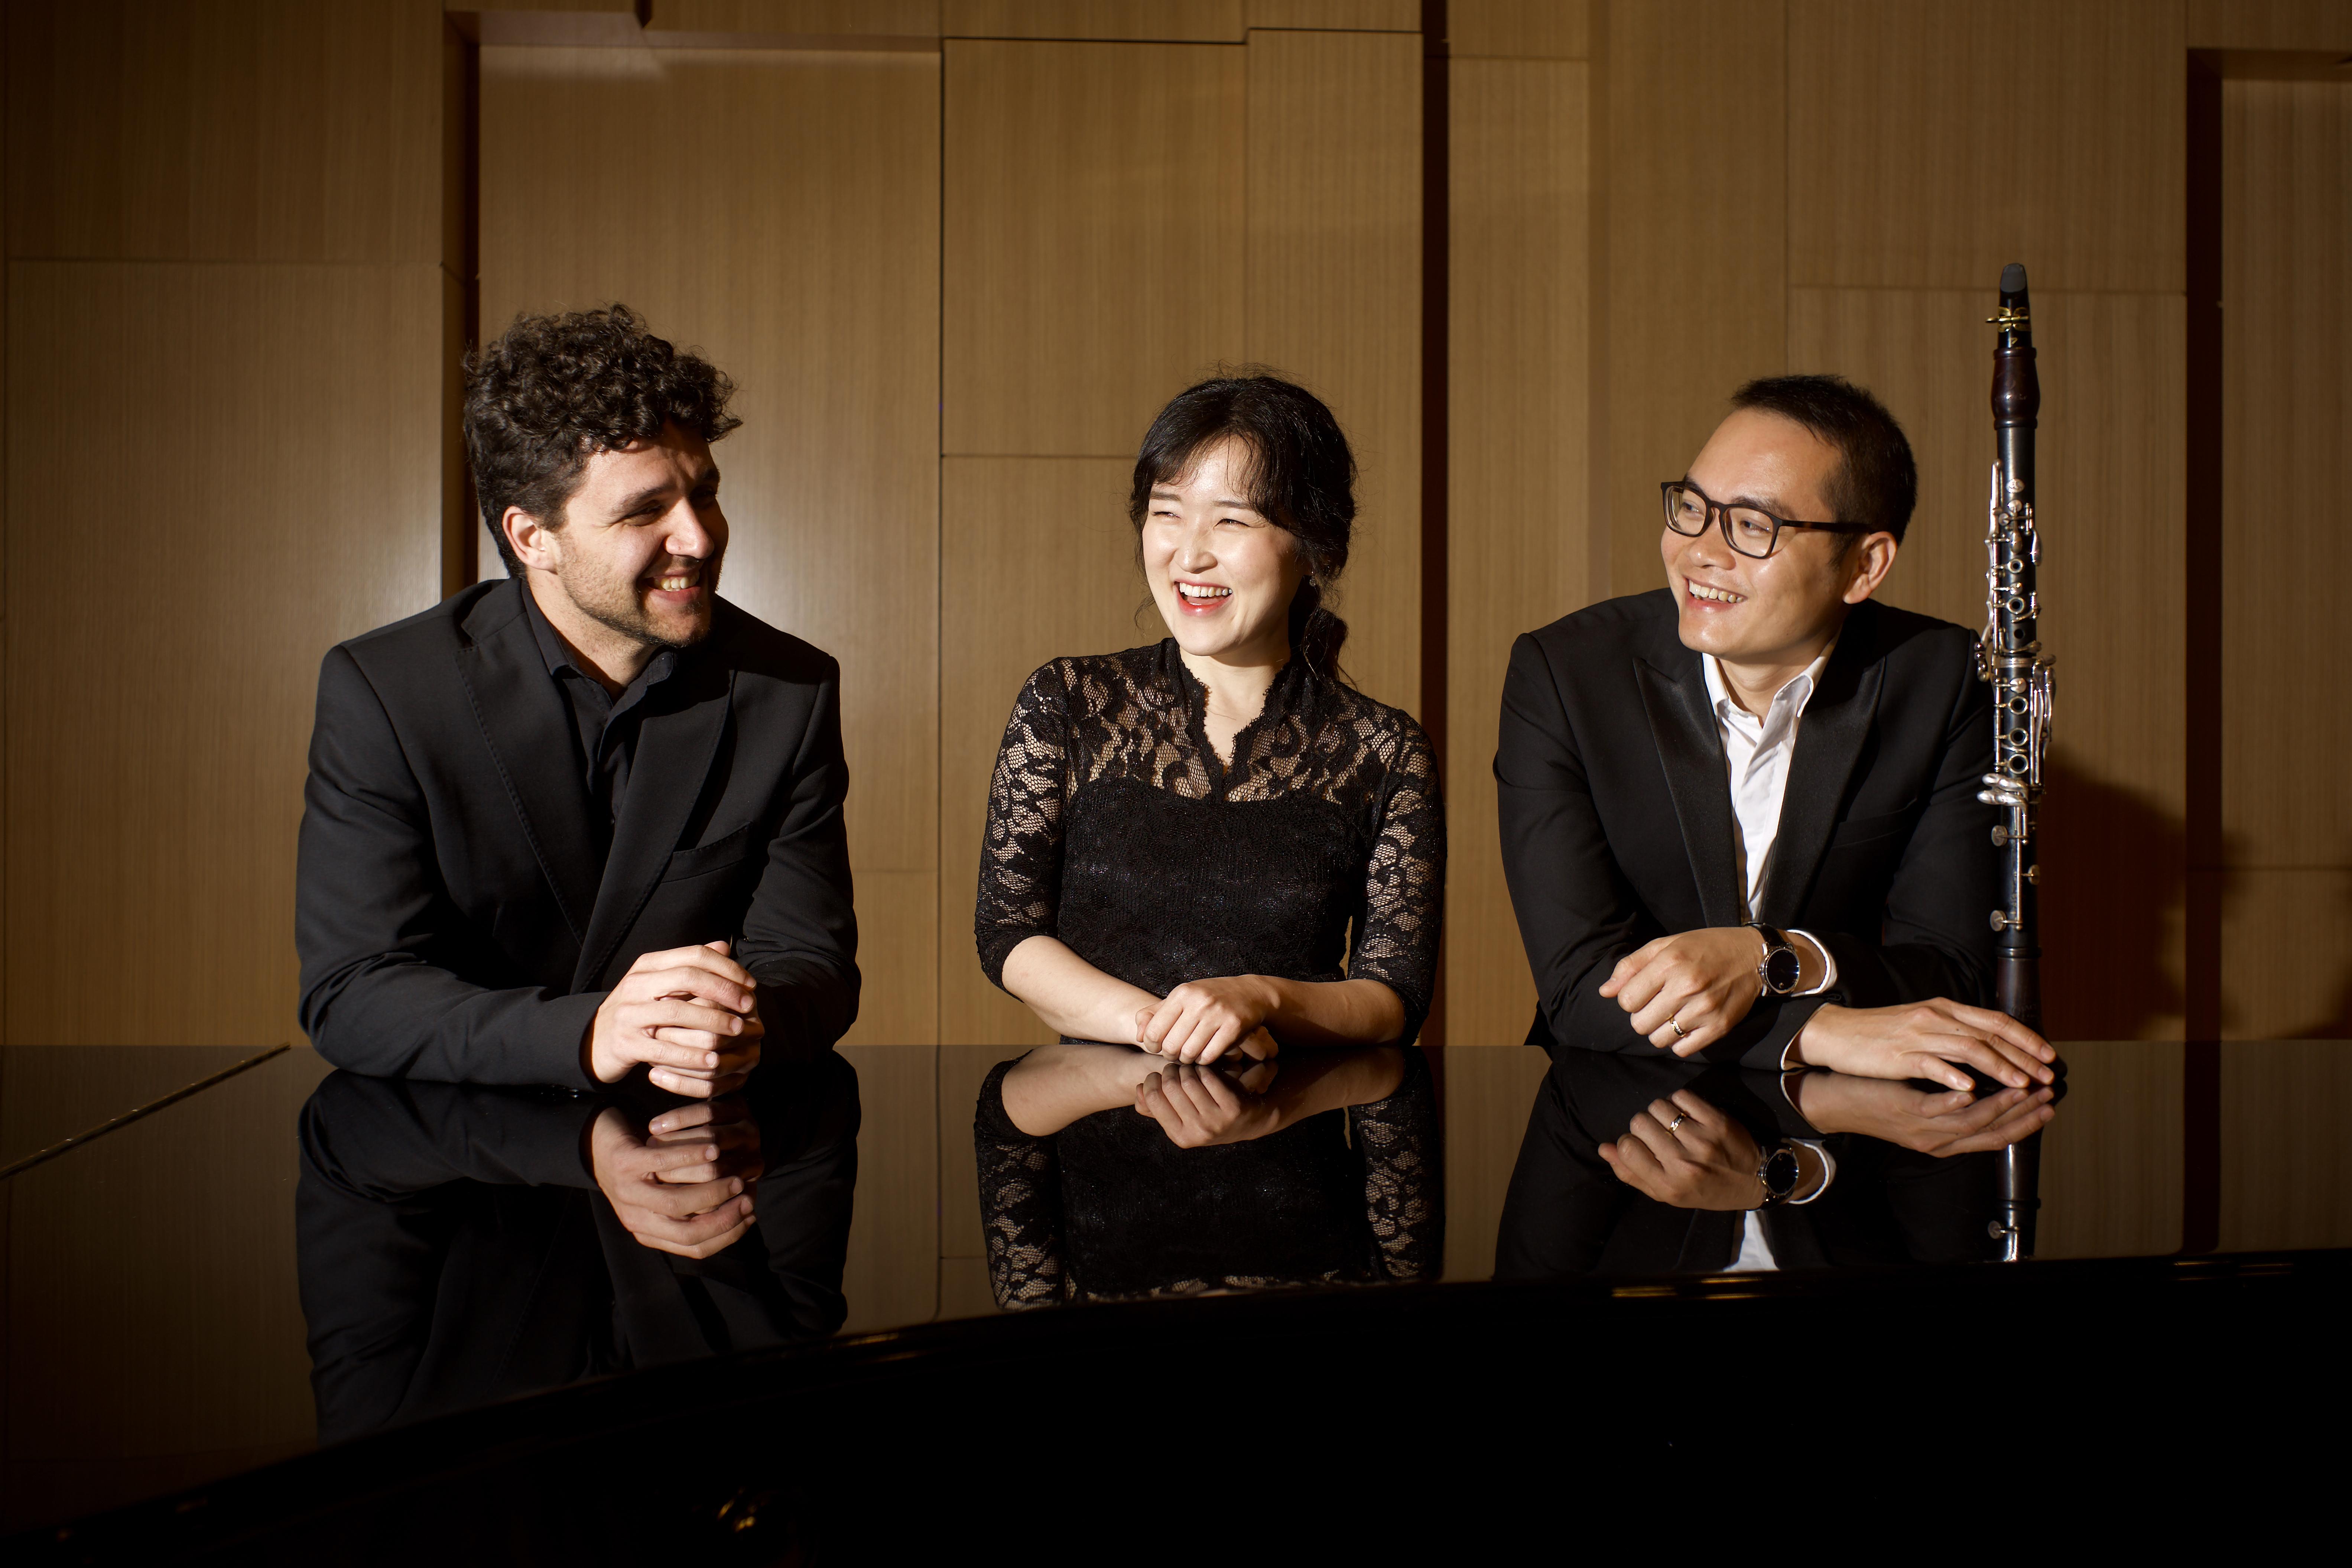 Darío Llanos Javierre, Eun Ji Jung, Quang Tran